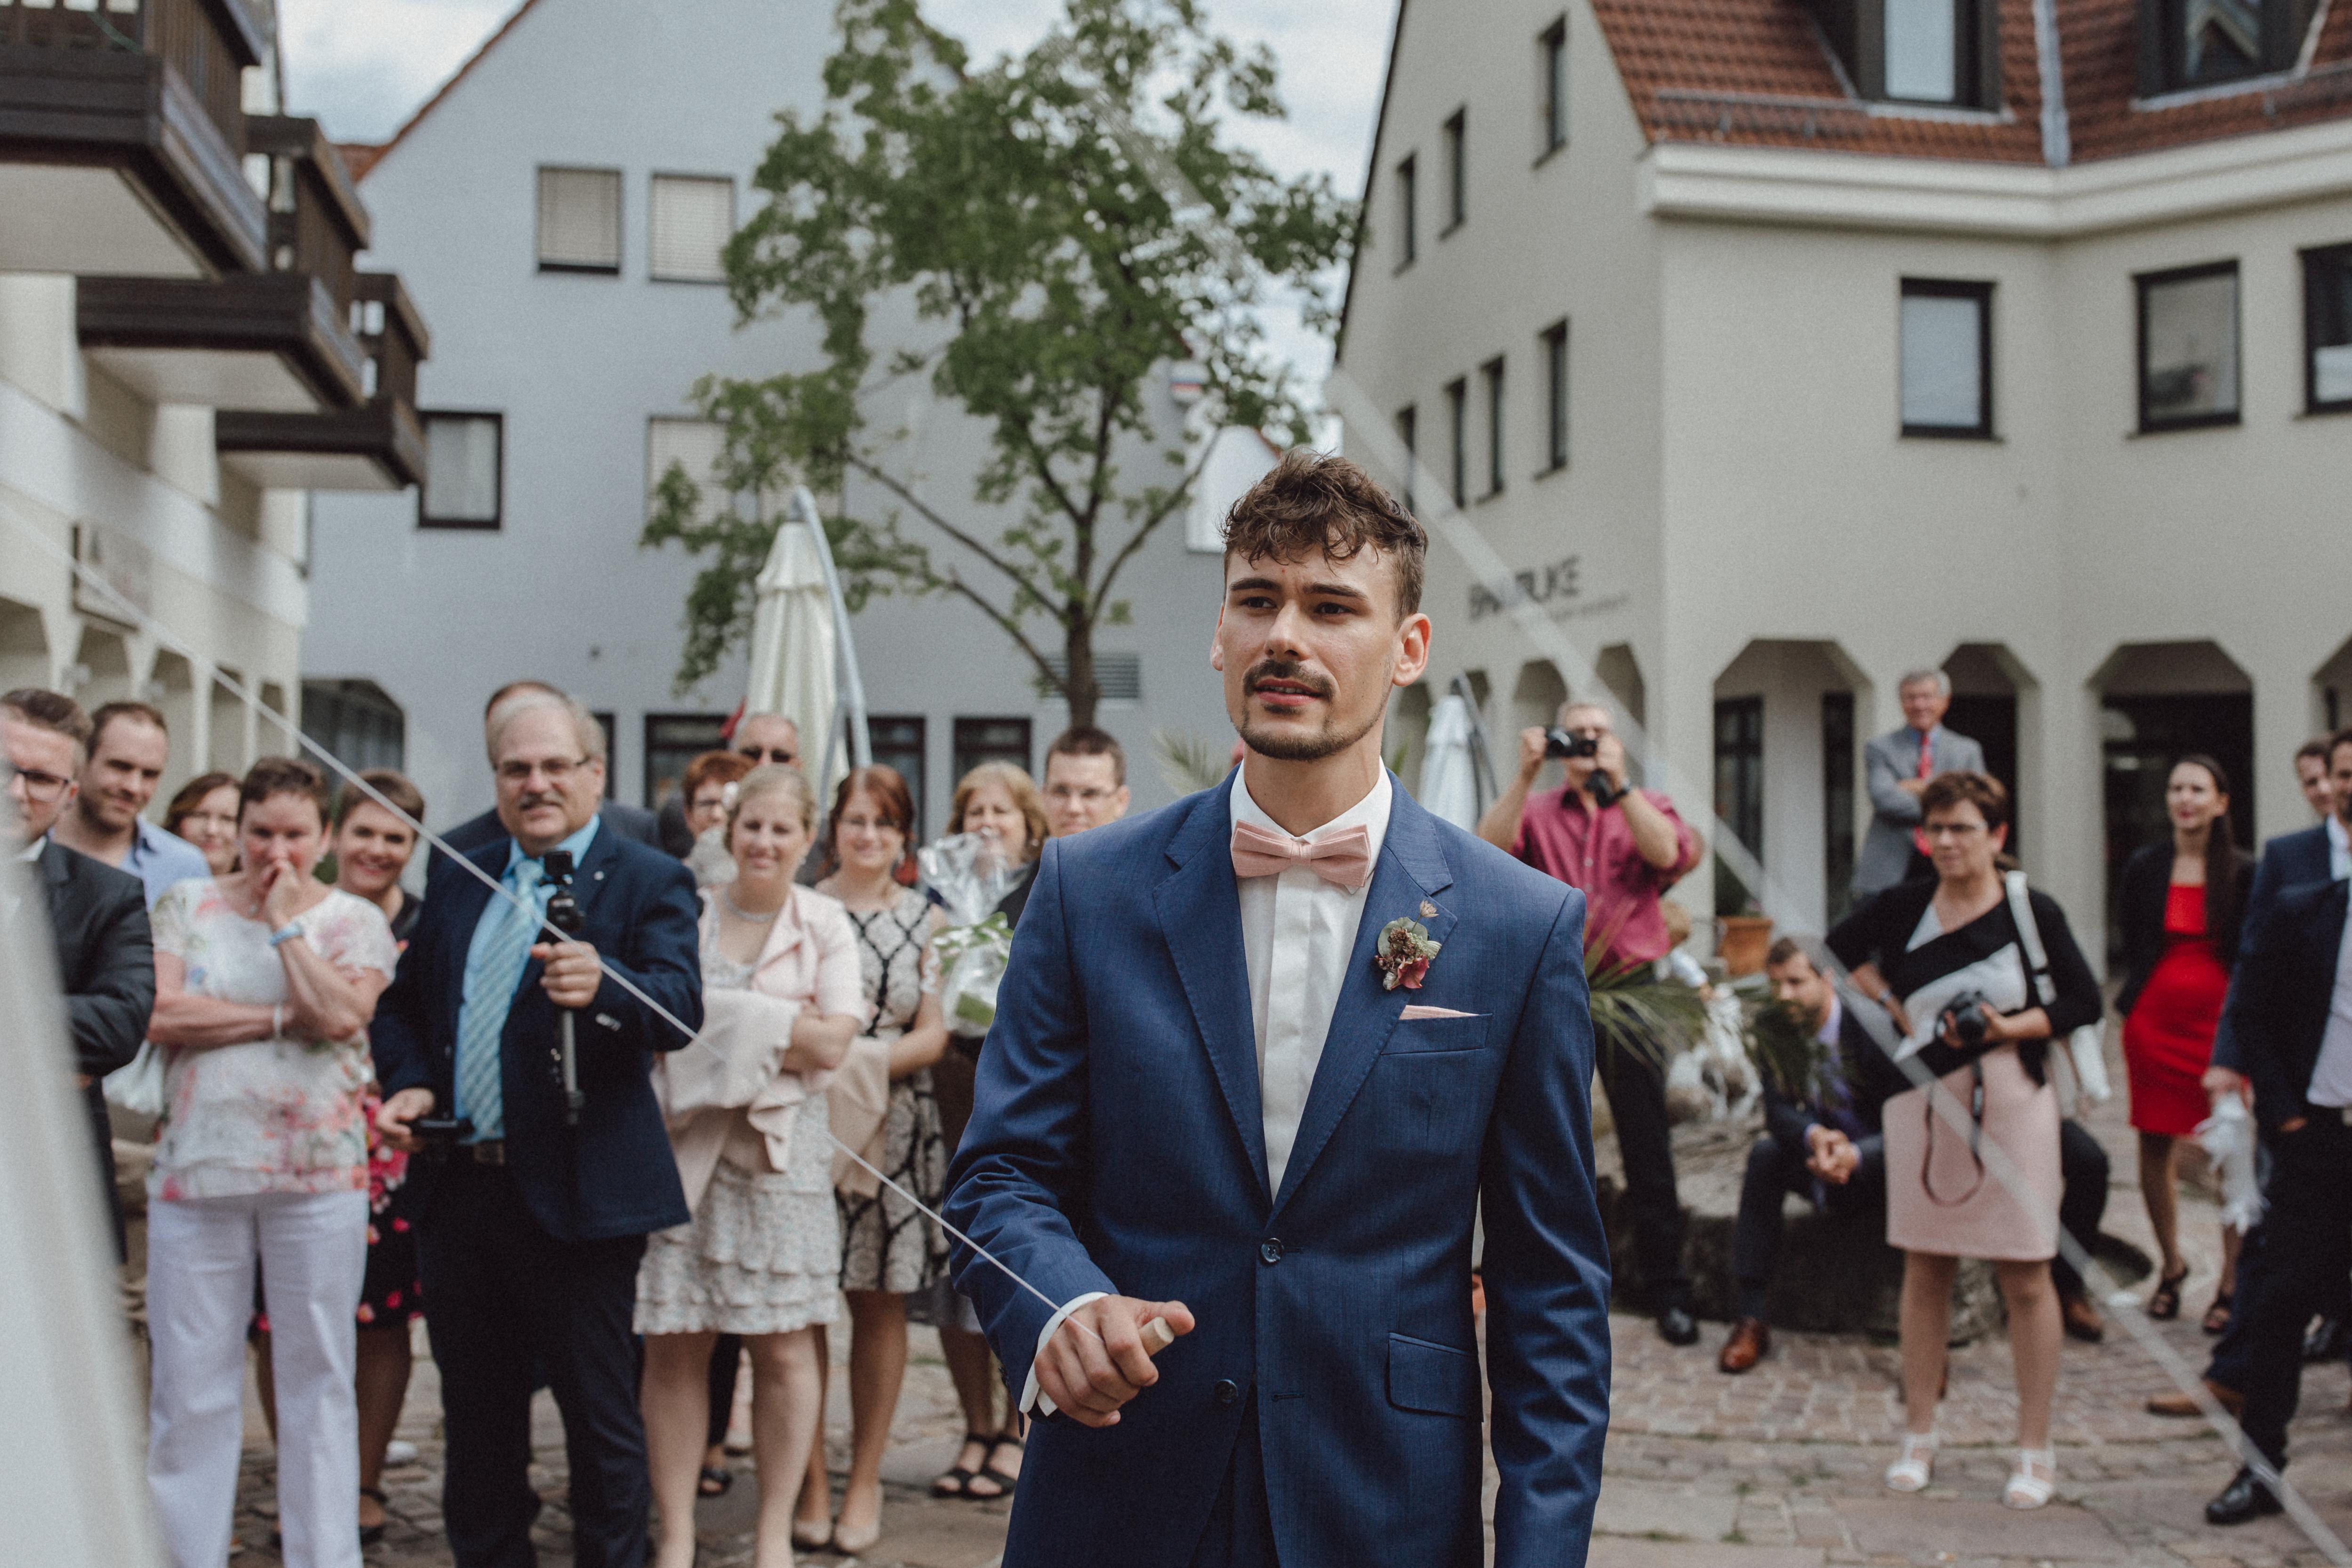 URBANERIE_Daniela_Goth_Hochzeitsfotografin_Nürnberg_Fürth_Erlangen_Schwabach_170715_0656